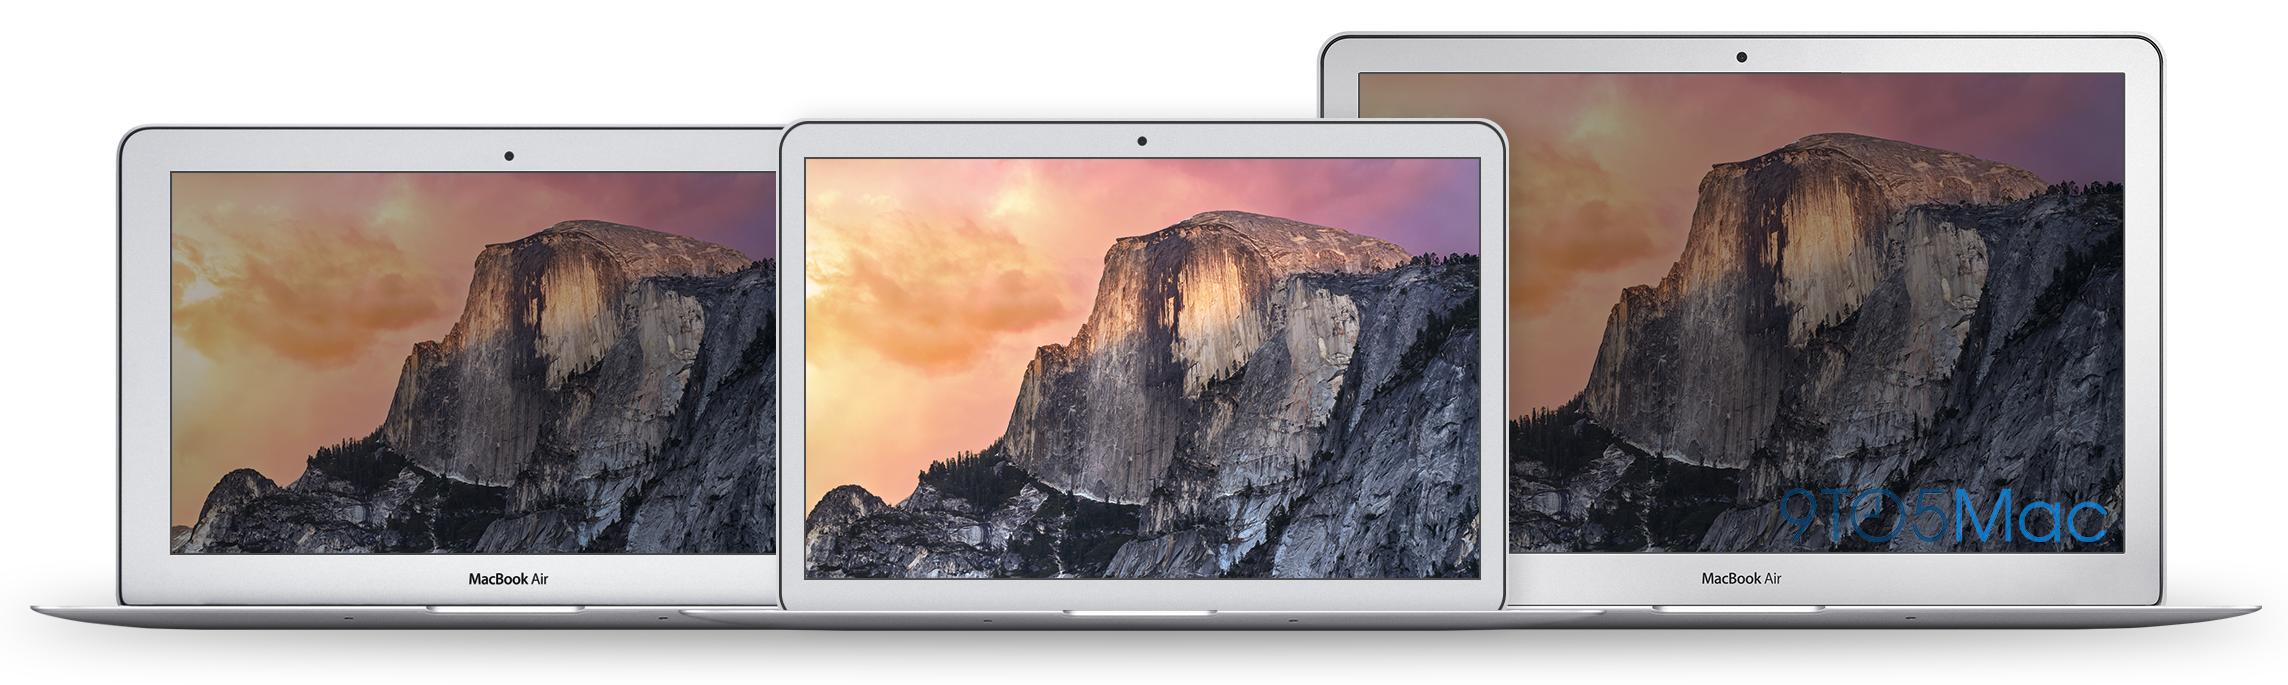 Apple chce się pozbyć USB? Na to wygląda, patrząc na prawdopodobne rendery nowego MacBooka Air